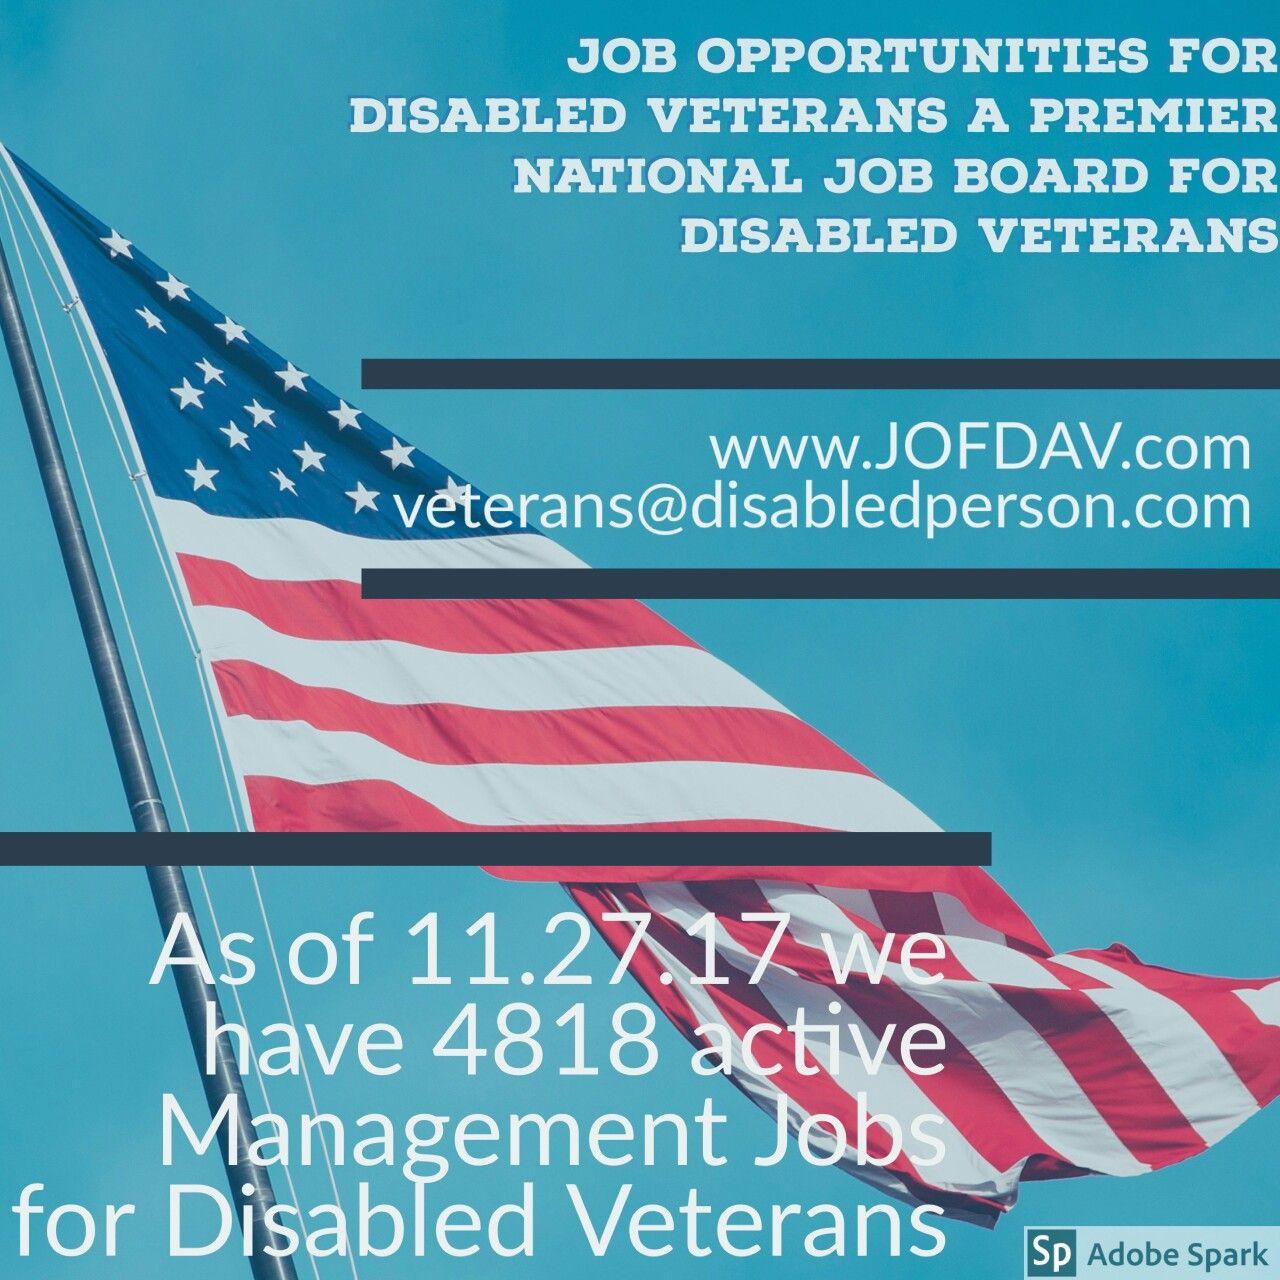 Job Opportunities for Disabled Veterans,